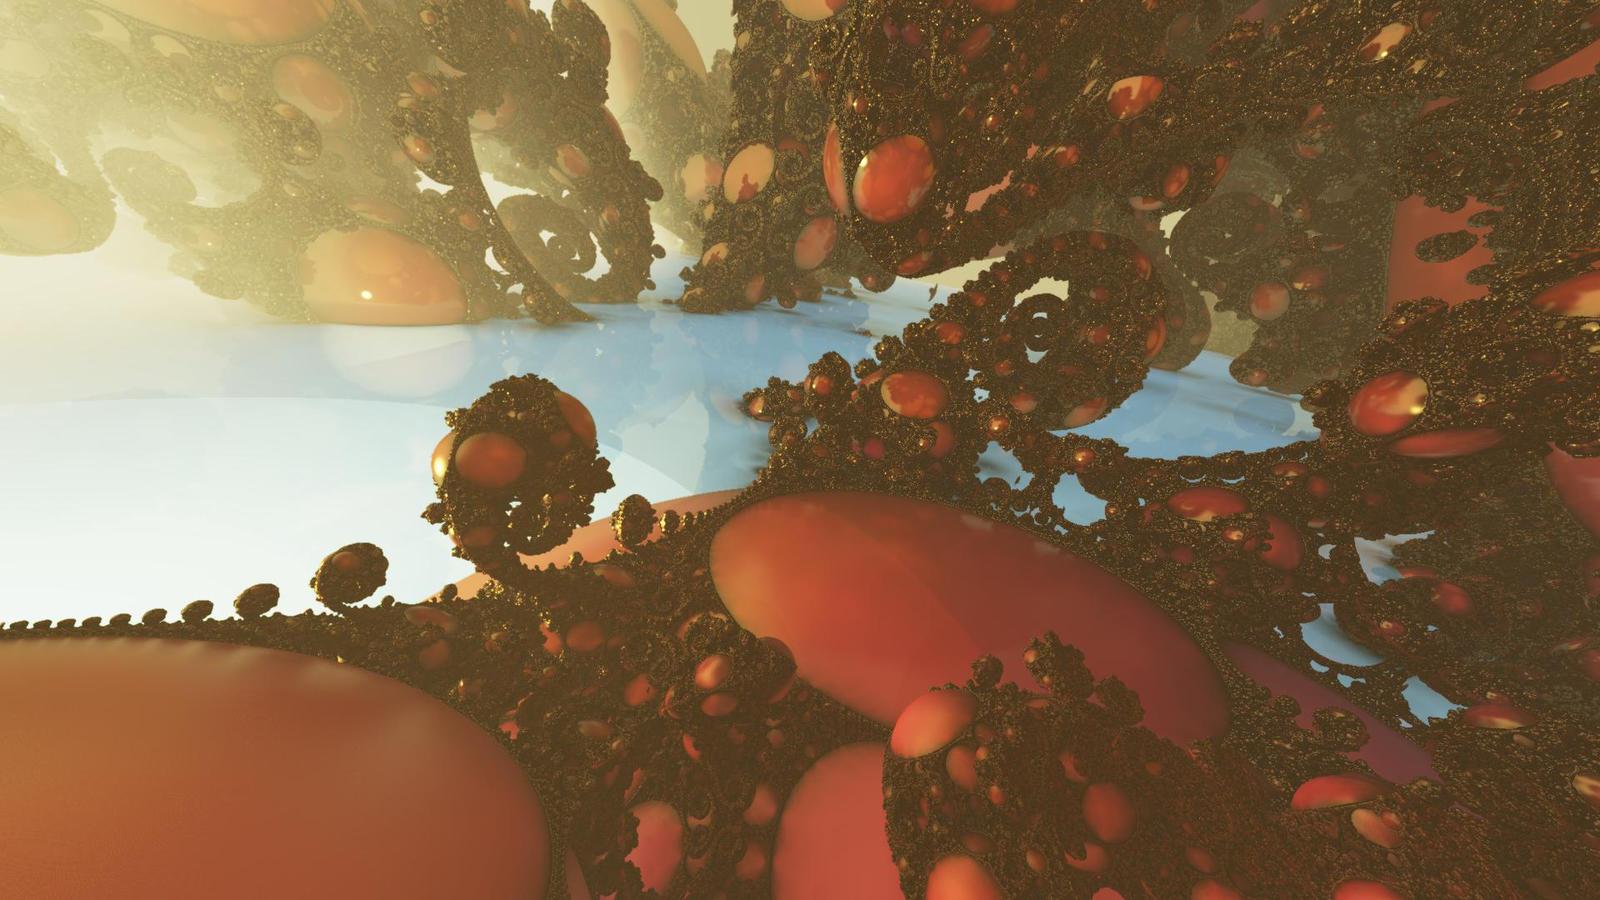 Rubies Garden by timemit